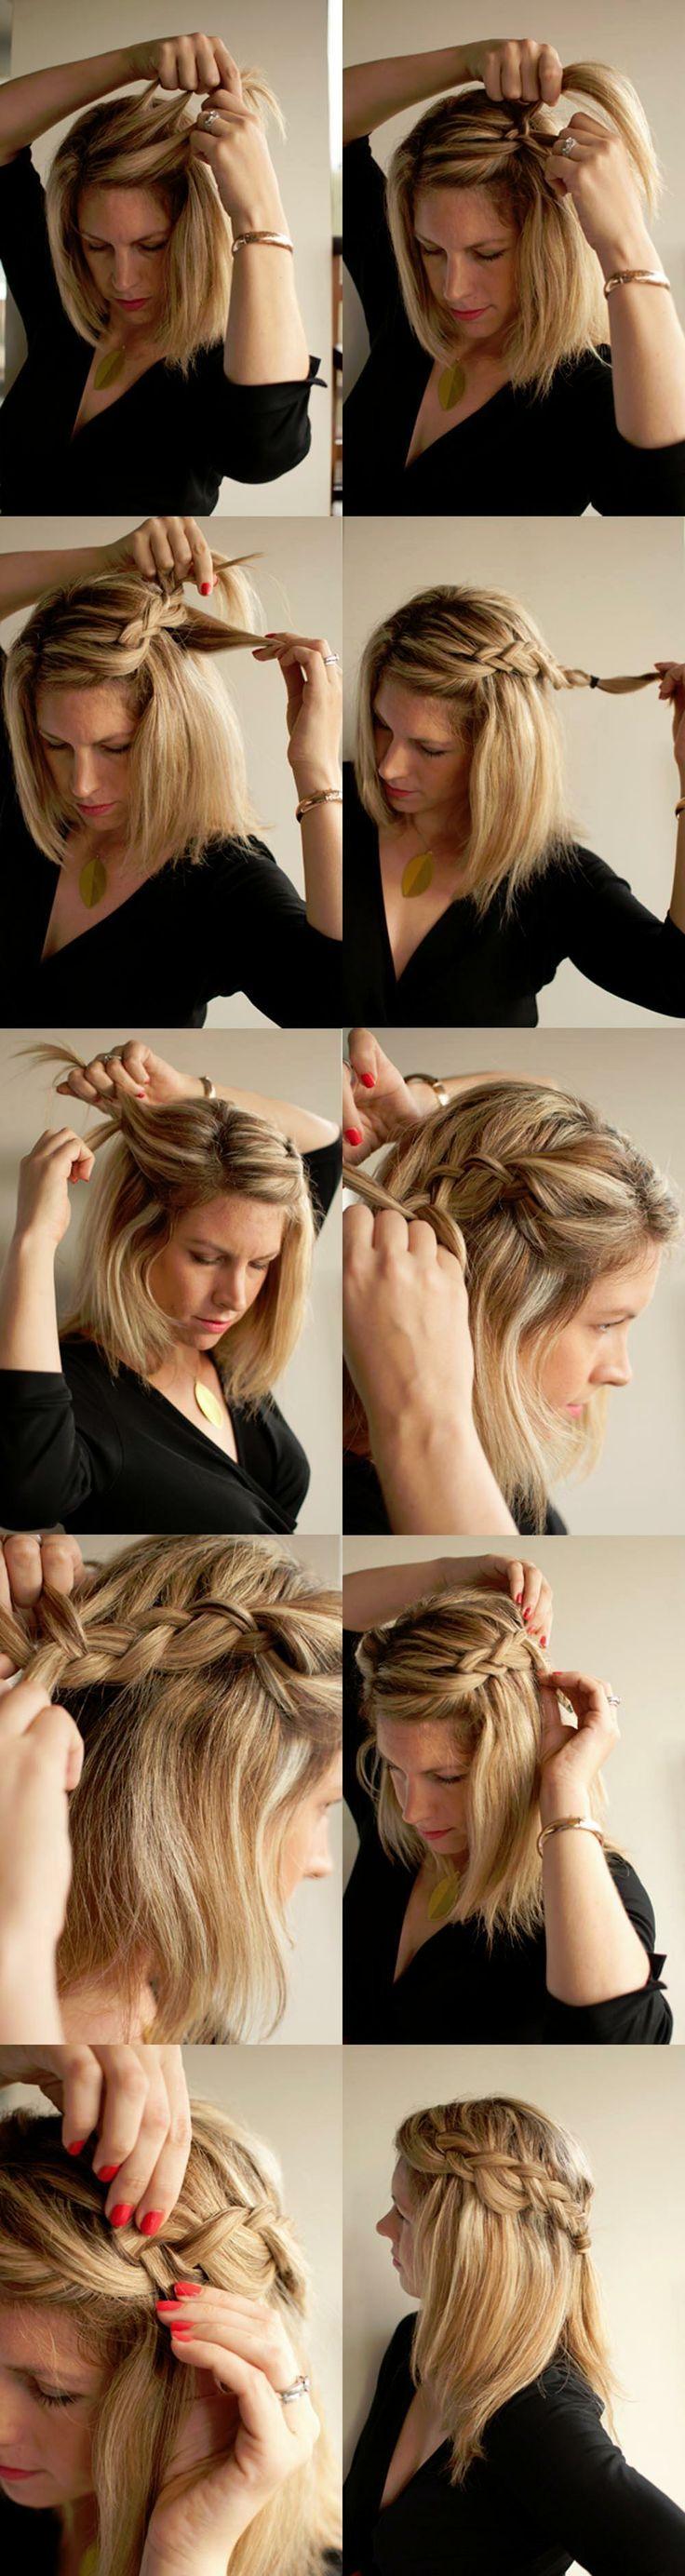 Tutoriel coiffure avec natte africaine collée ou en épis